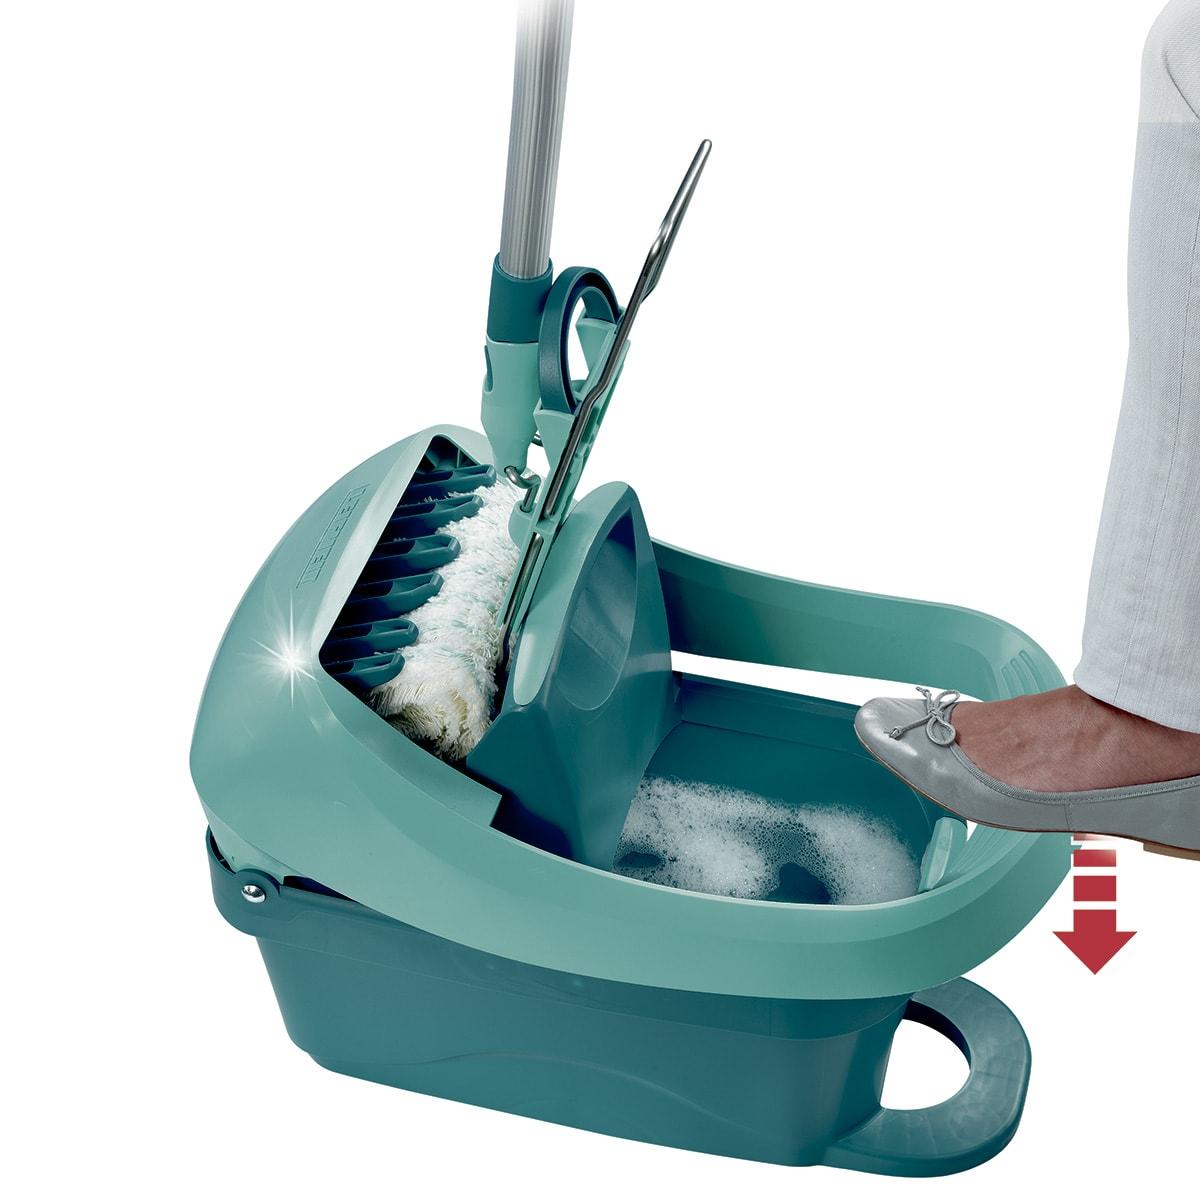 Komplet sæt med gulvvasker og spand med vrider